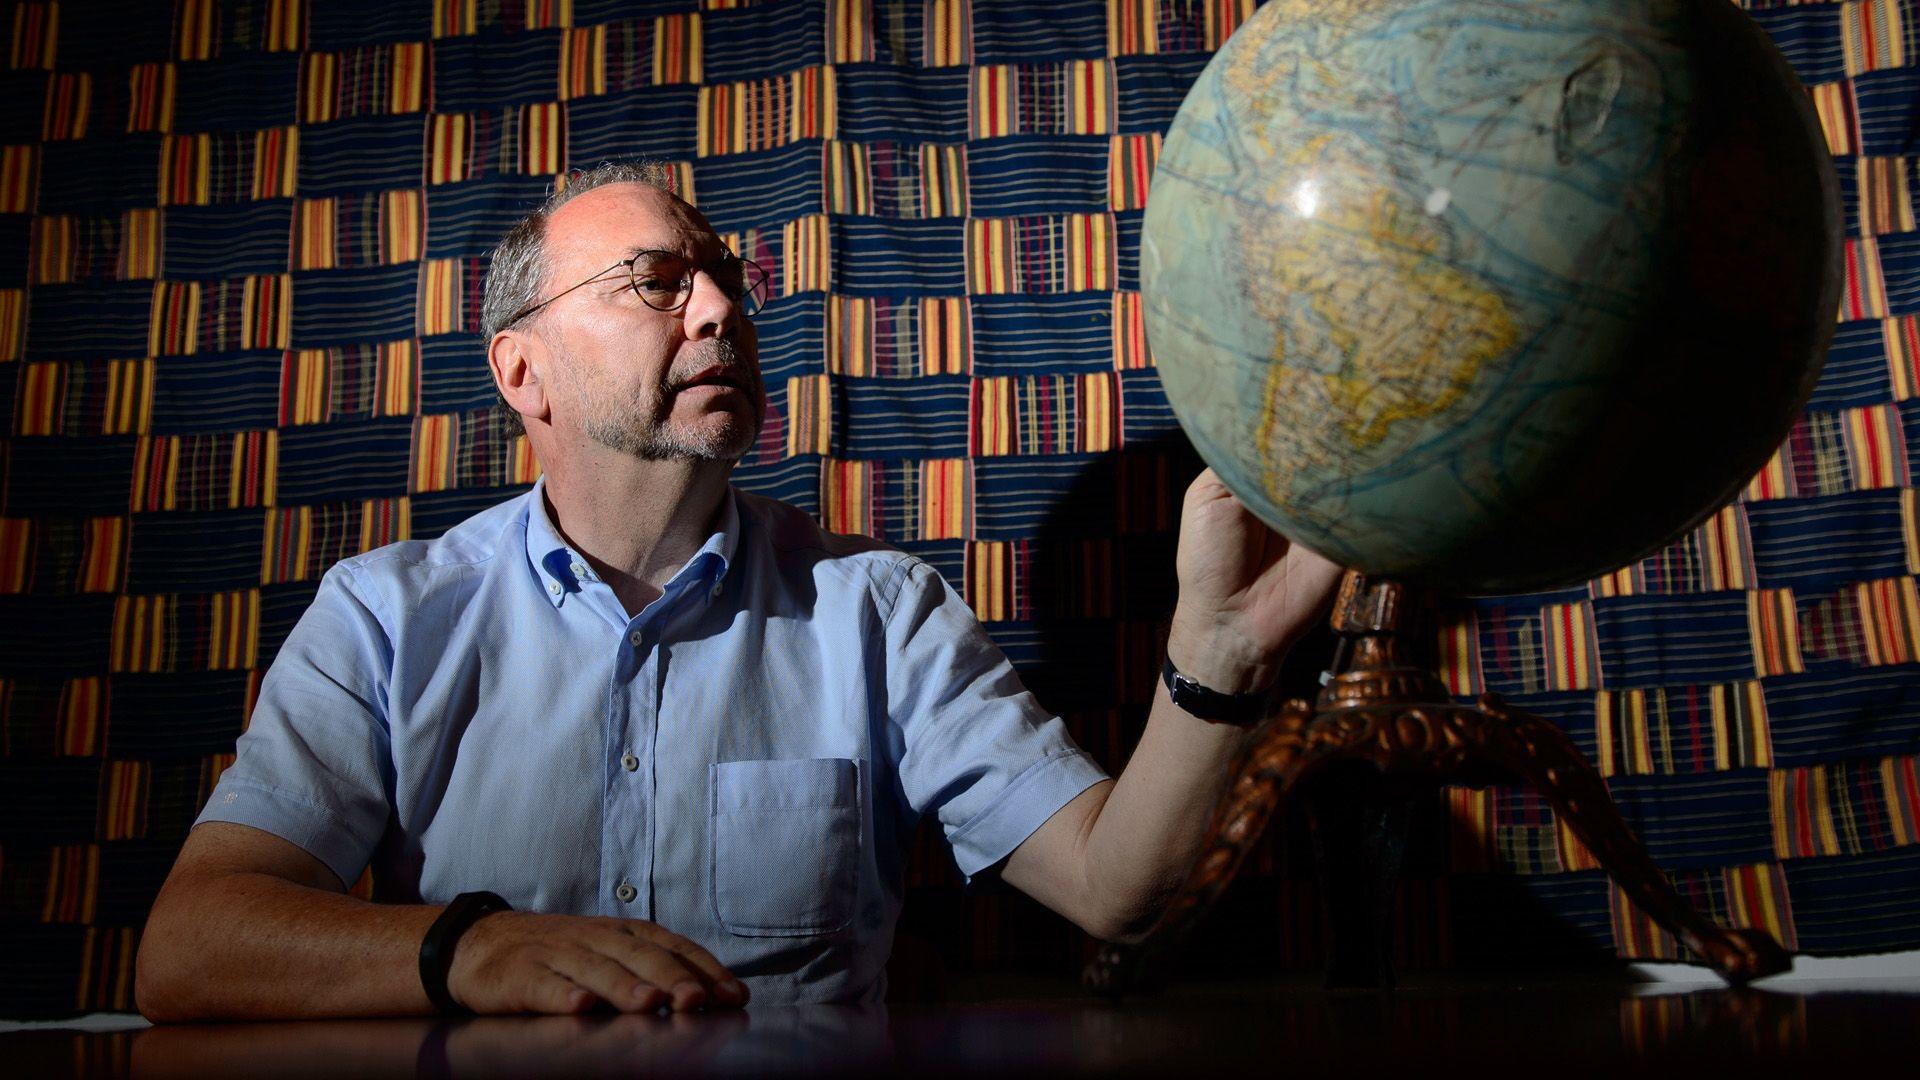 Peter Piot professzort, a HIV és az ebola felfedezőjét is utolérte a koronavírus